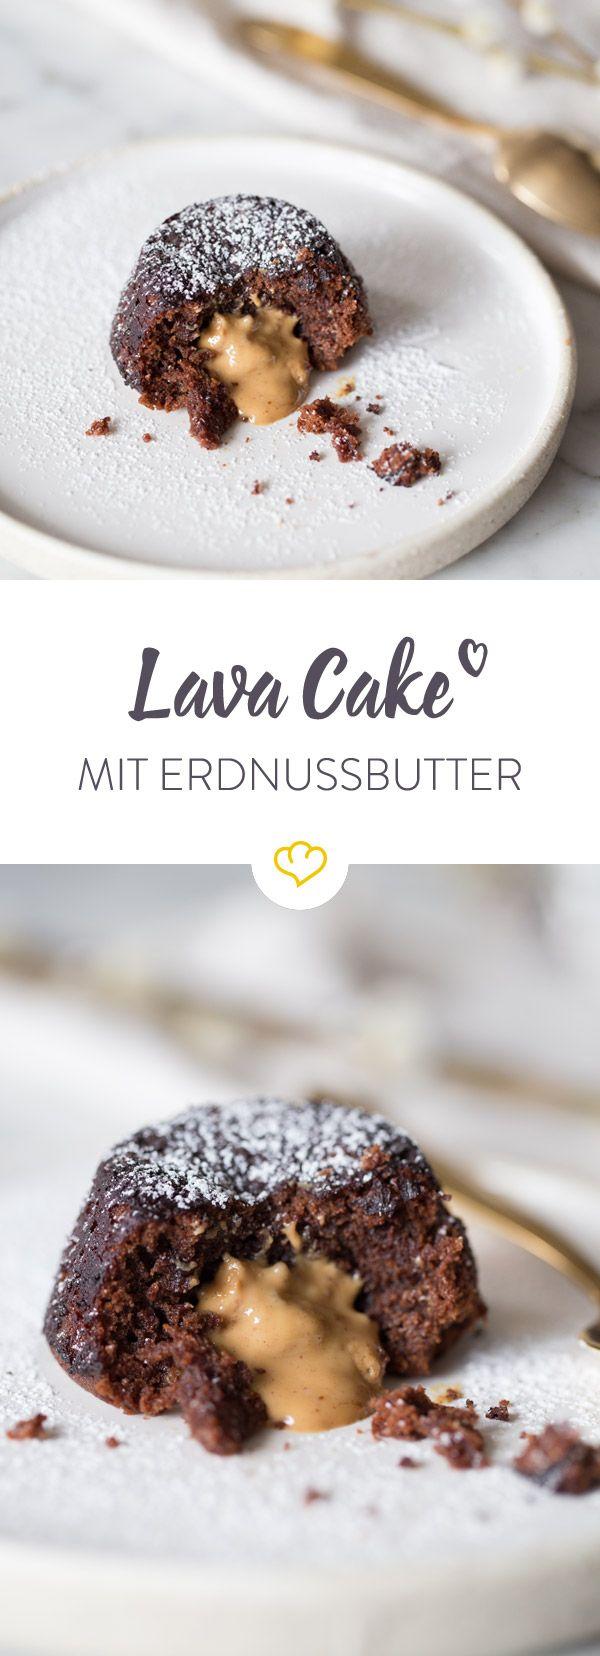 Ein super schnelles Dessert, das du gut vorbereiten und direkt aus dem Ofen servieren kannst: Schokoladige Lava Cakes mit flüssigem Erdnussbutterkern.